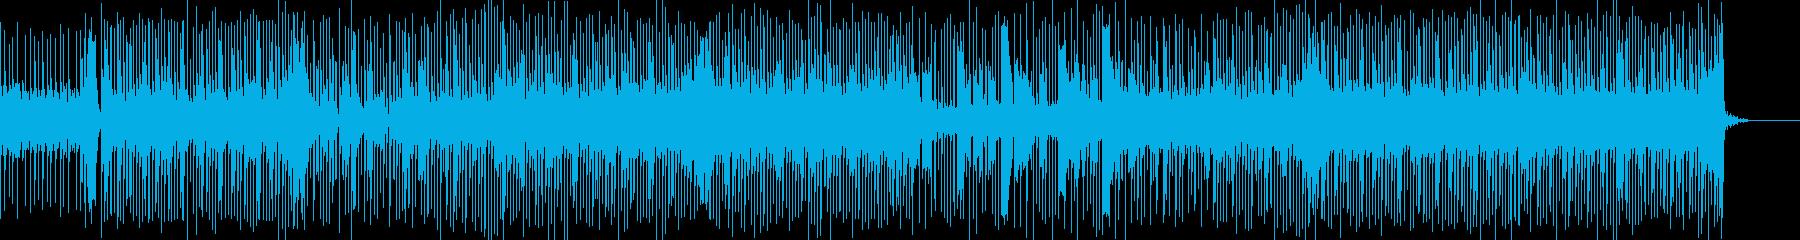 力強く切ないメロディが印象的な曲の再生済みの波形